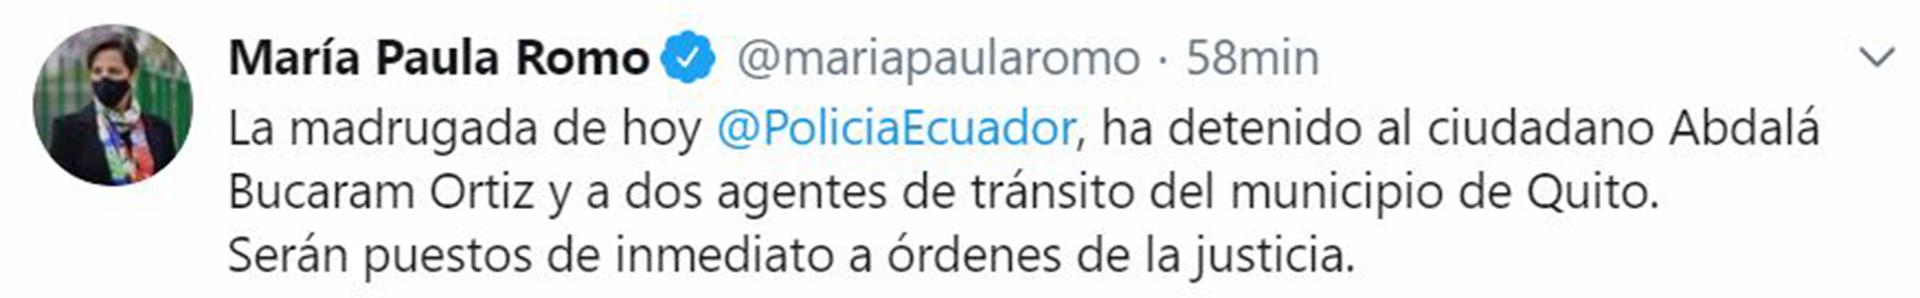 El tuit de María Paula Romo